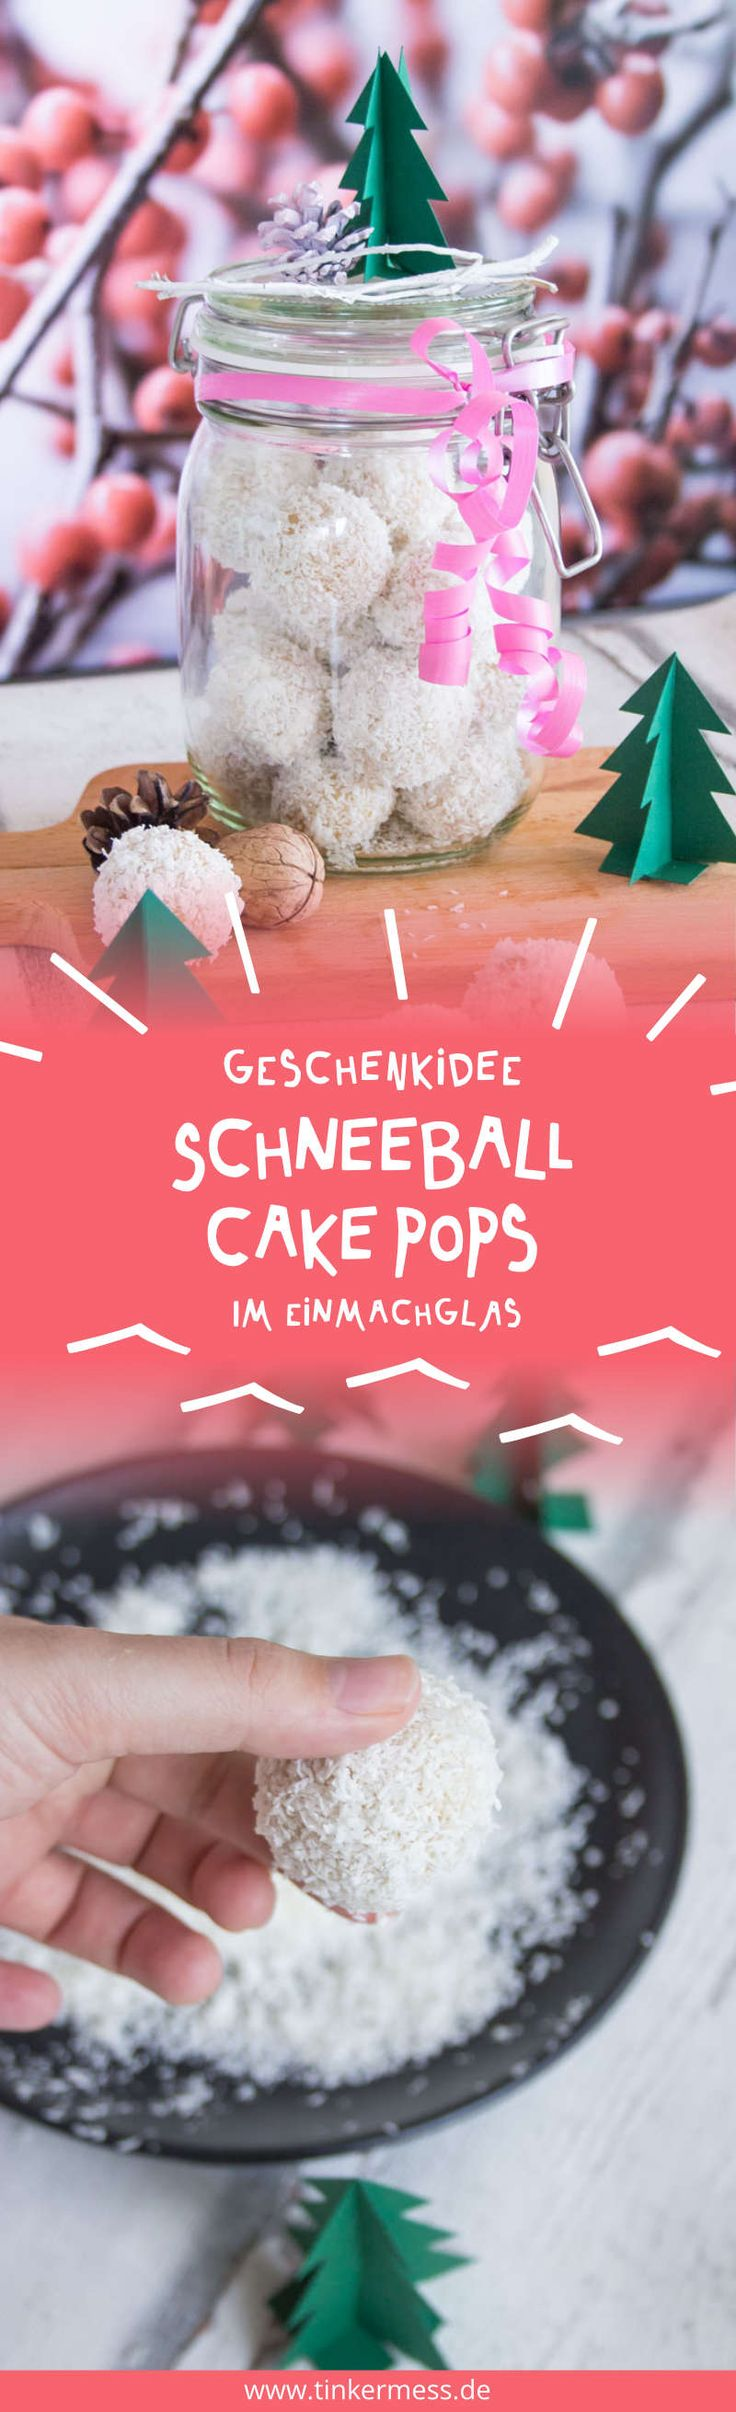 Vegane Schneeball Cake Pops Geschenkidee im Glas